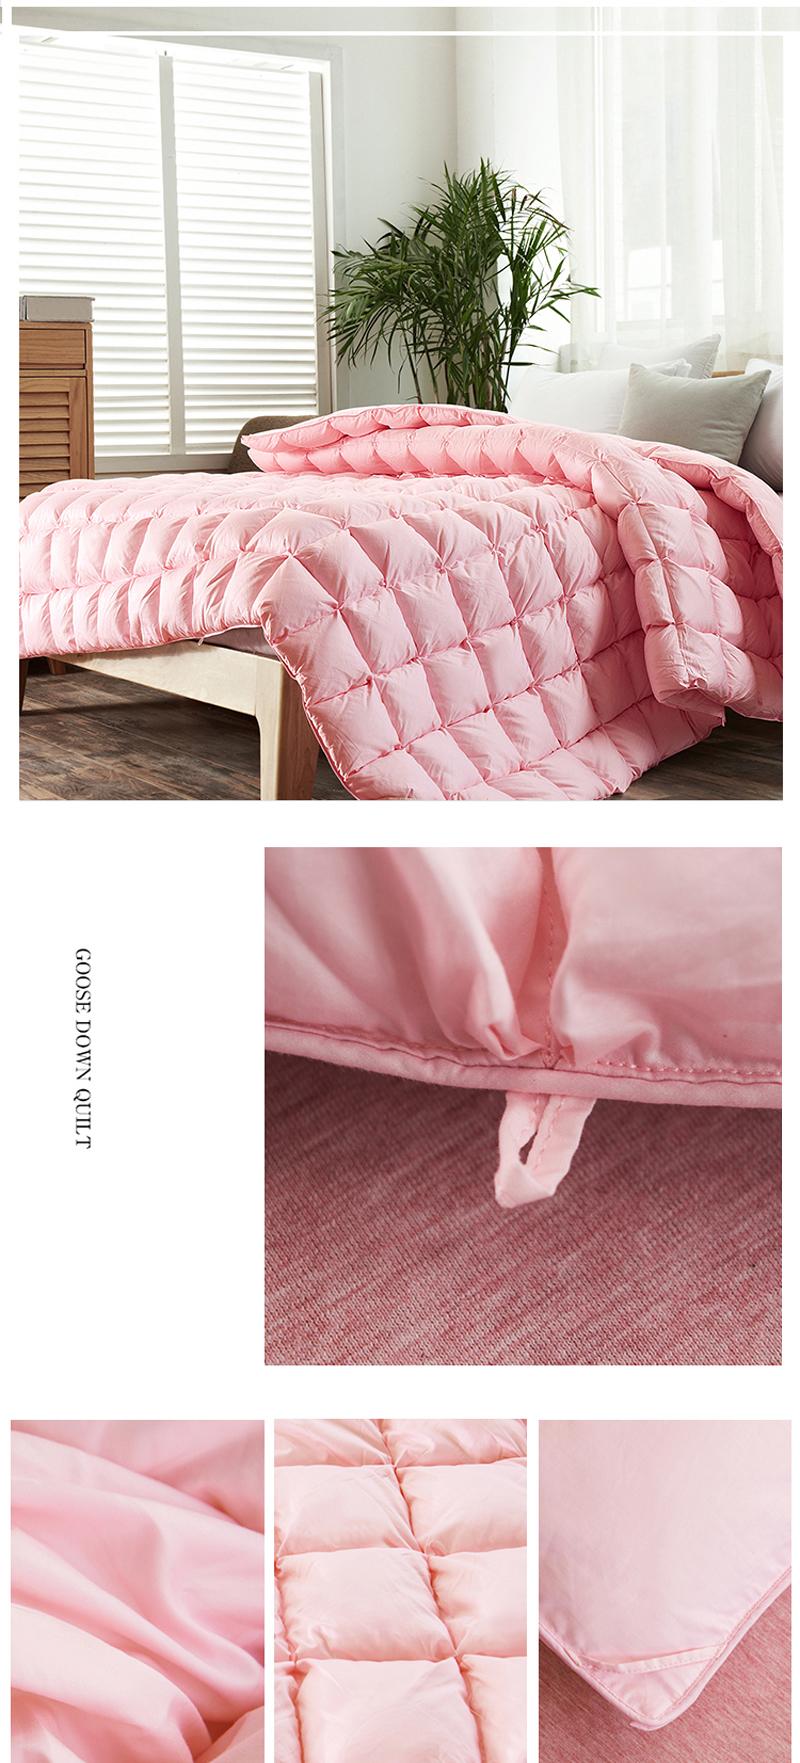 Bed Linen Duvet